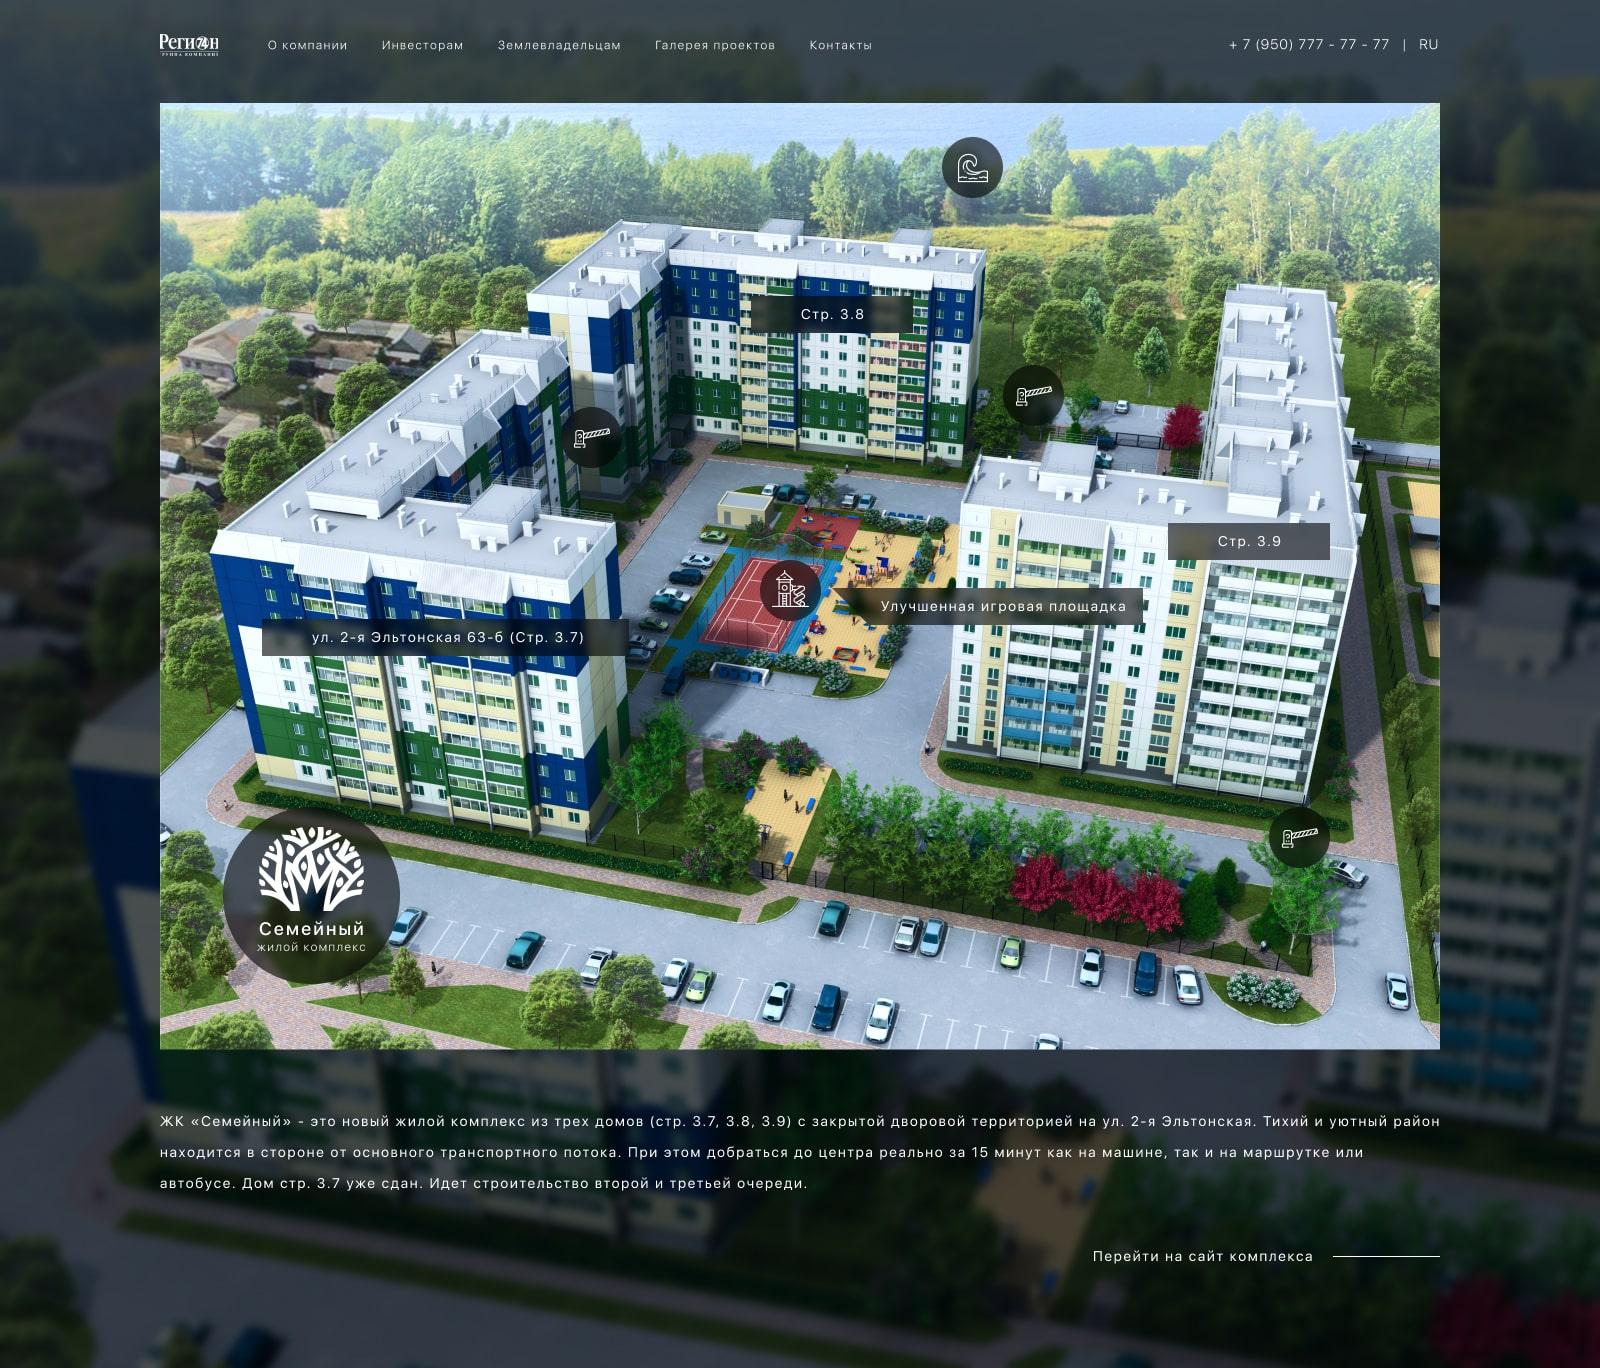 Дизайн двух страниц сайта фото f_9215f2b89ae16c8b.jpg